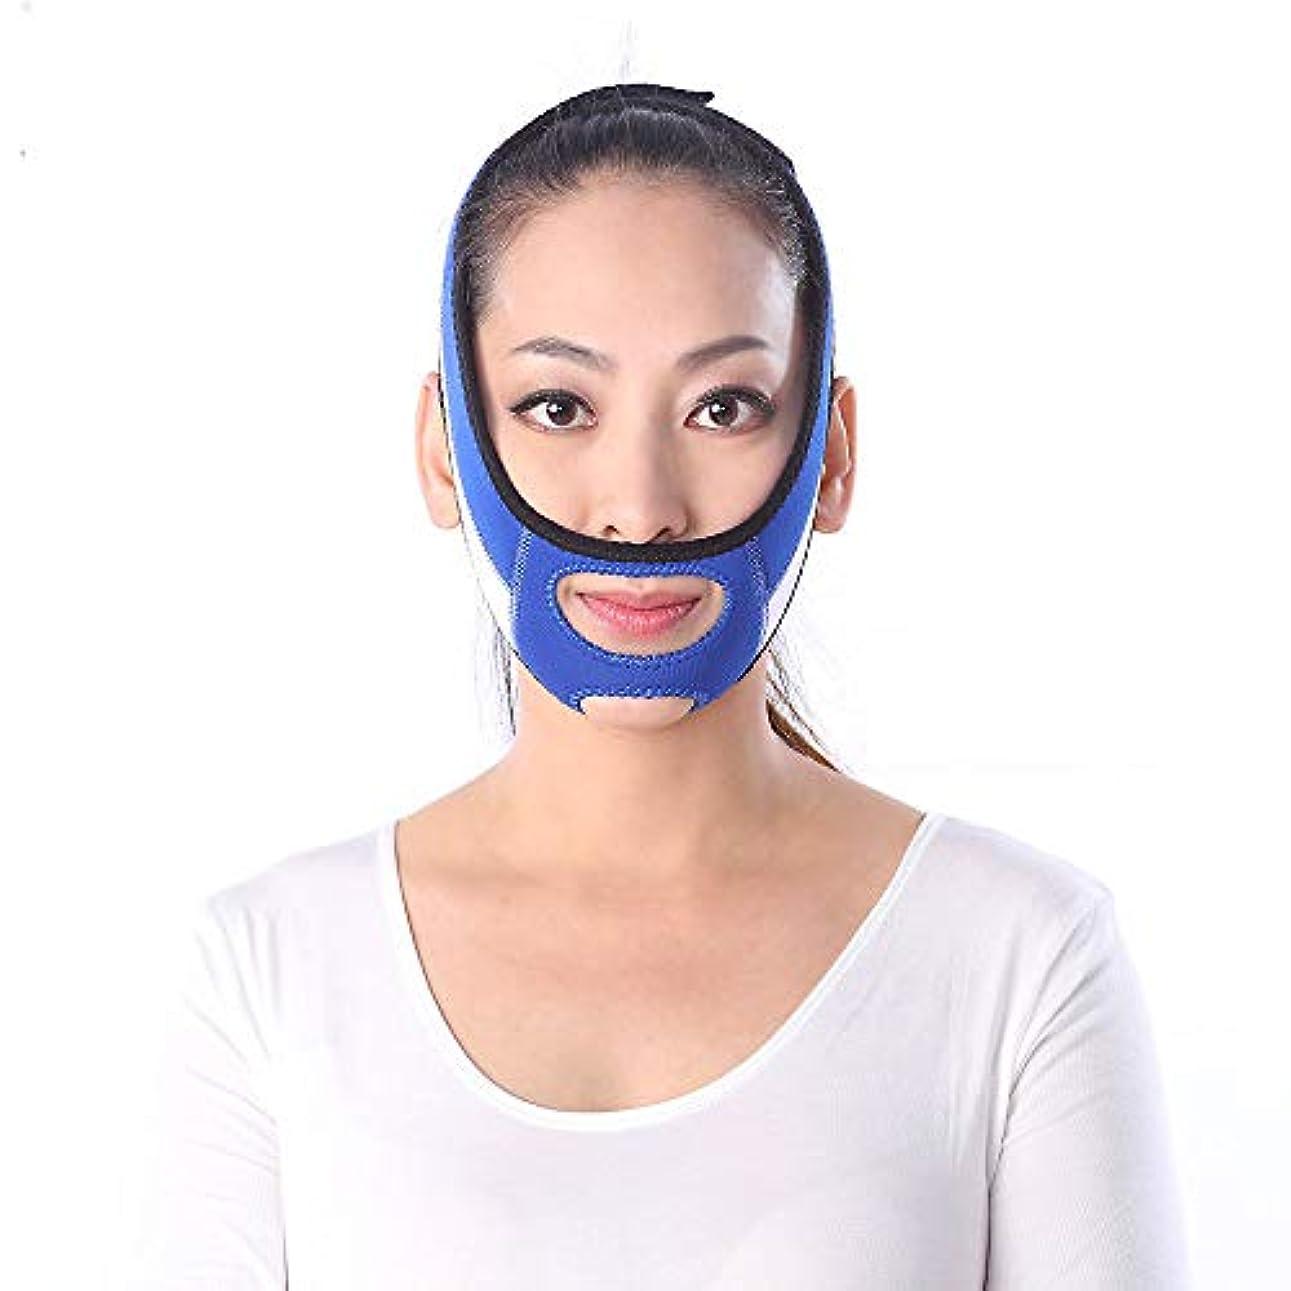 上へ打撃ホームフェイスリフティング包帯、リフティングダブルあご顔補正ツール/フェイスマスク/スモールVフェイスアーチファクト(青)